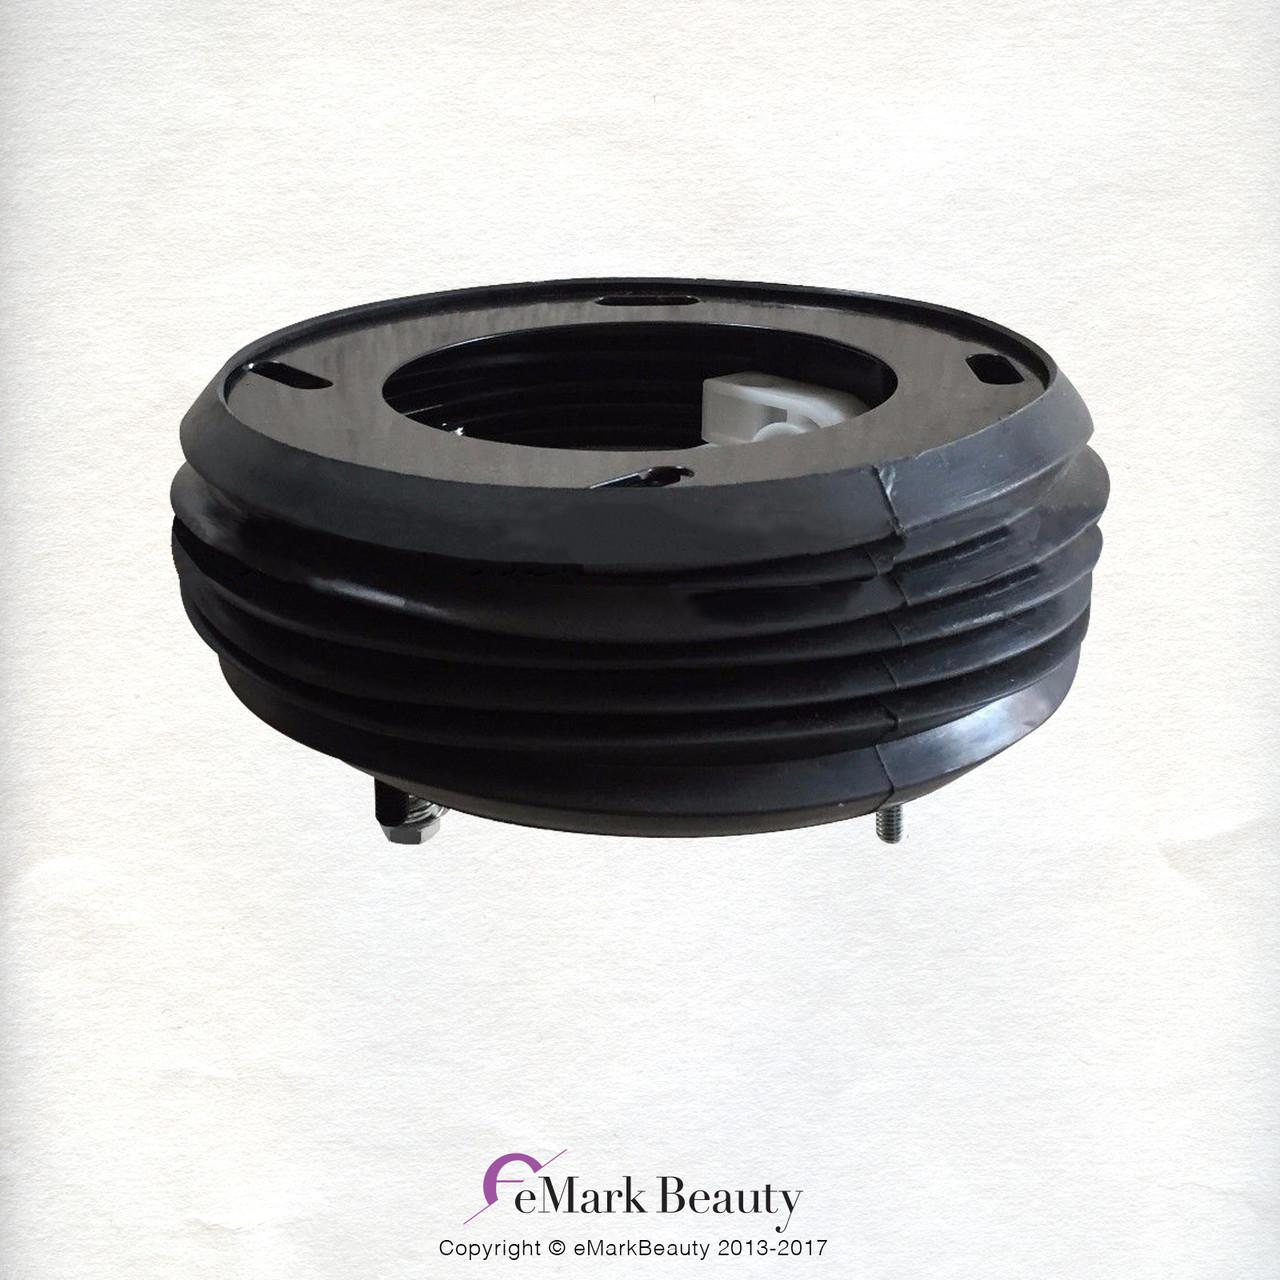 Salon Shampoo Bowl Replacement Tilt Mechanism with Rubber Wrap - TLC-1164TM